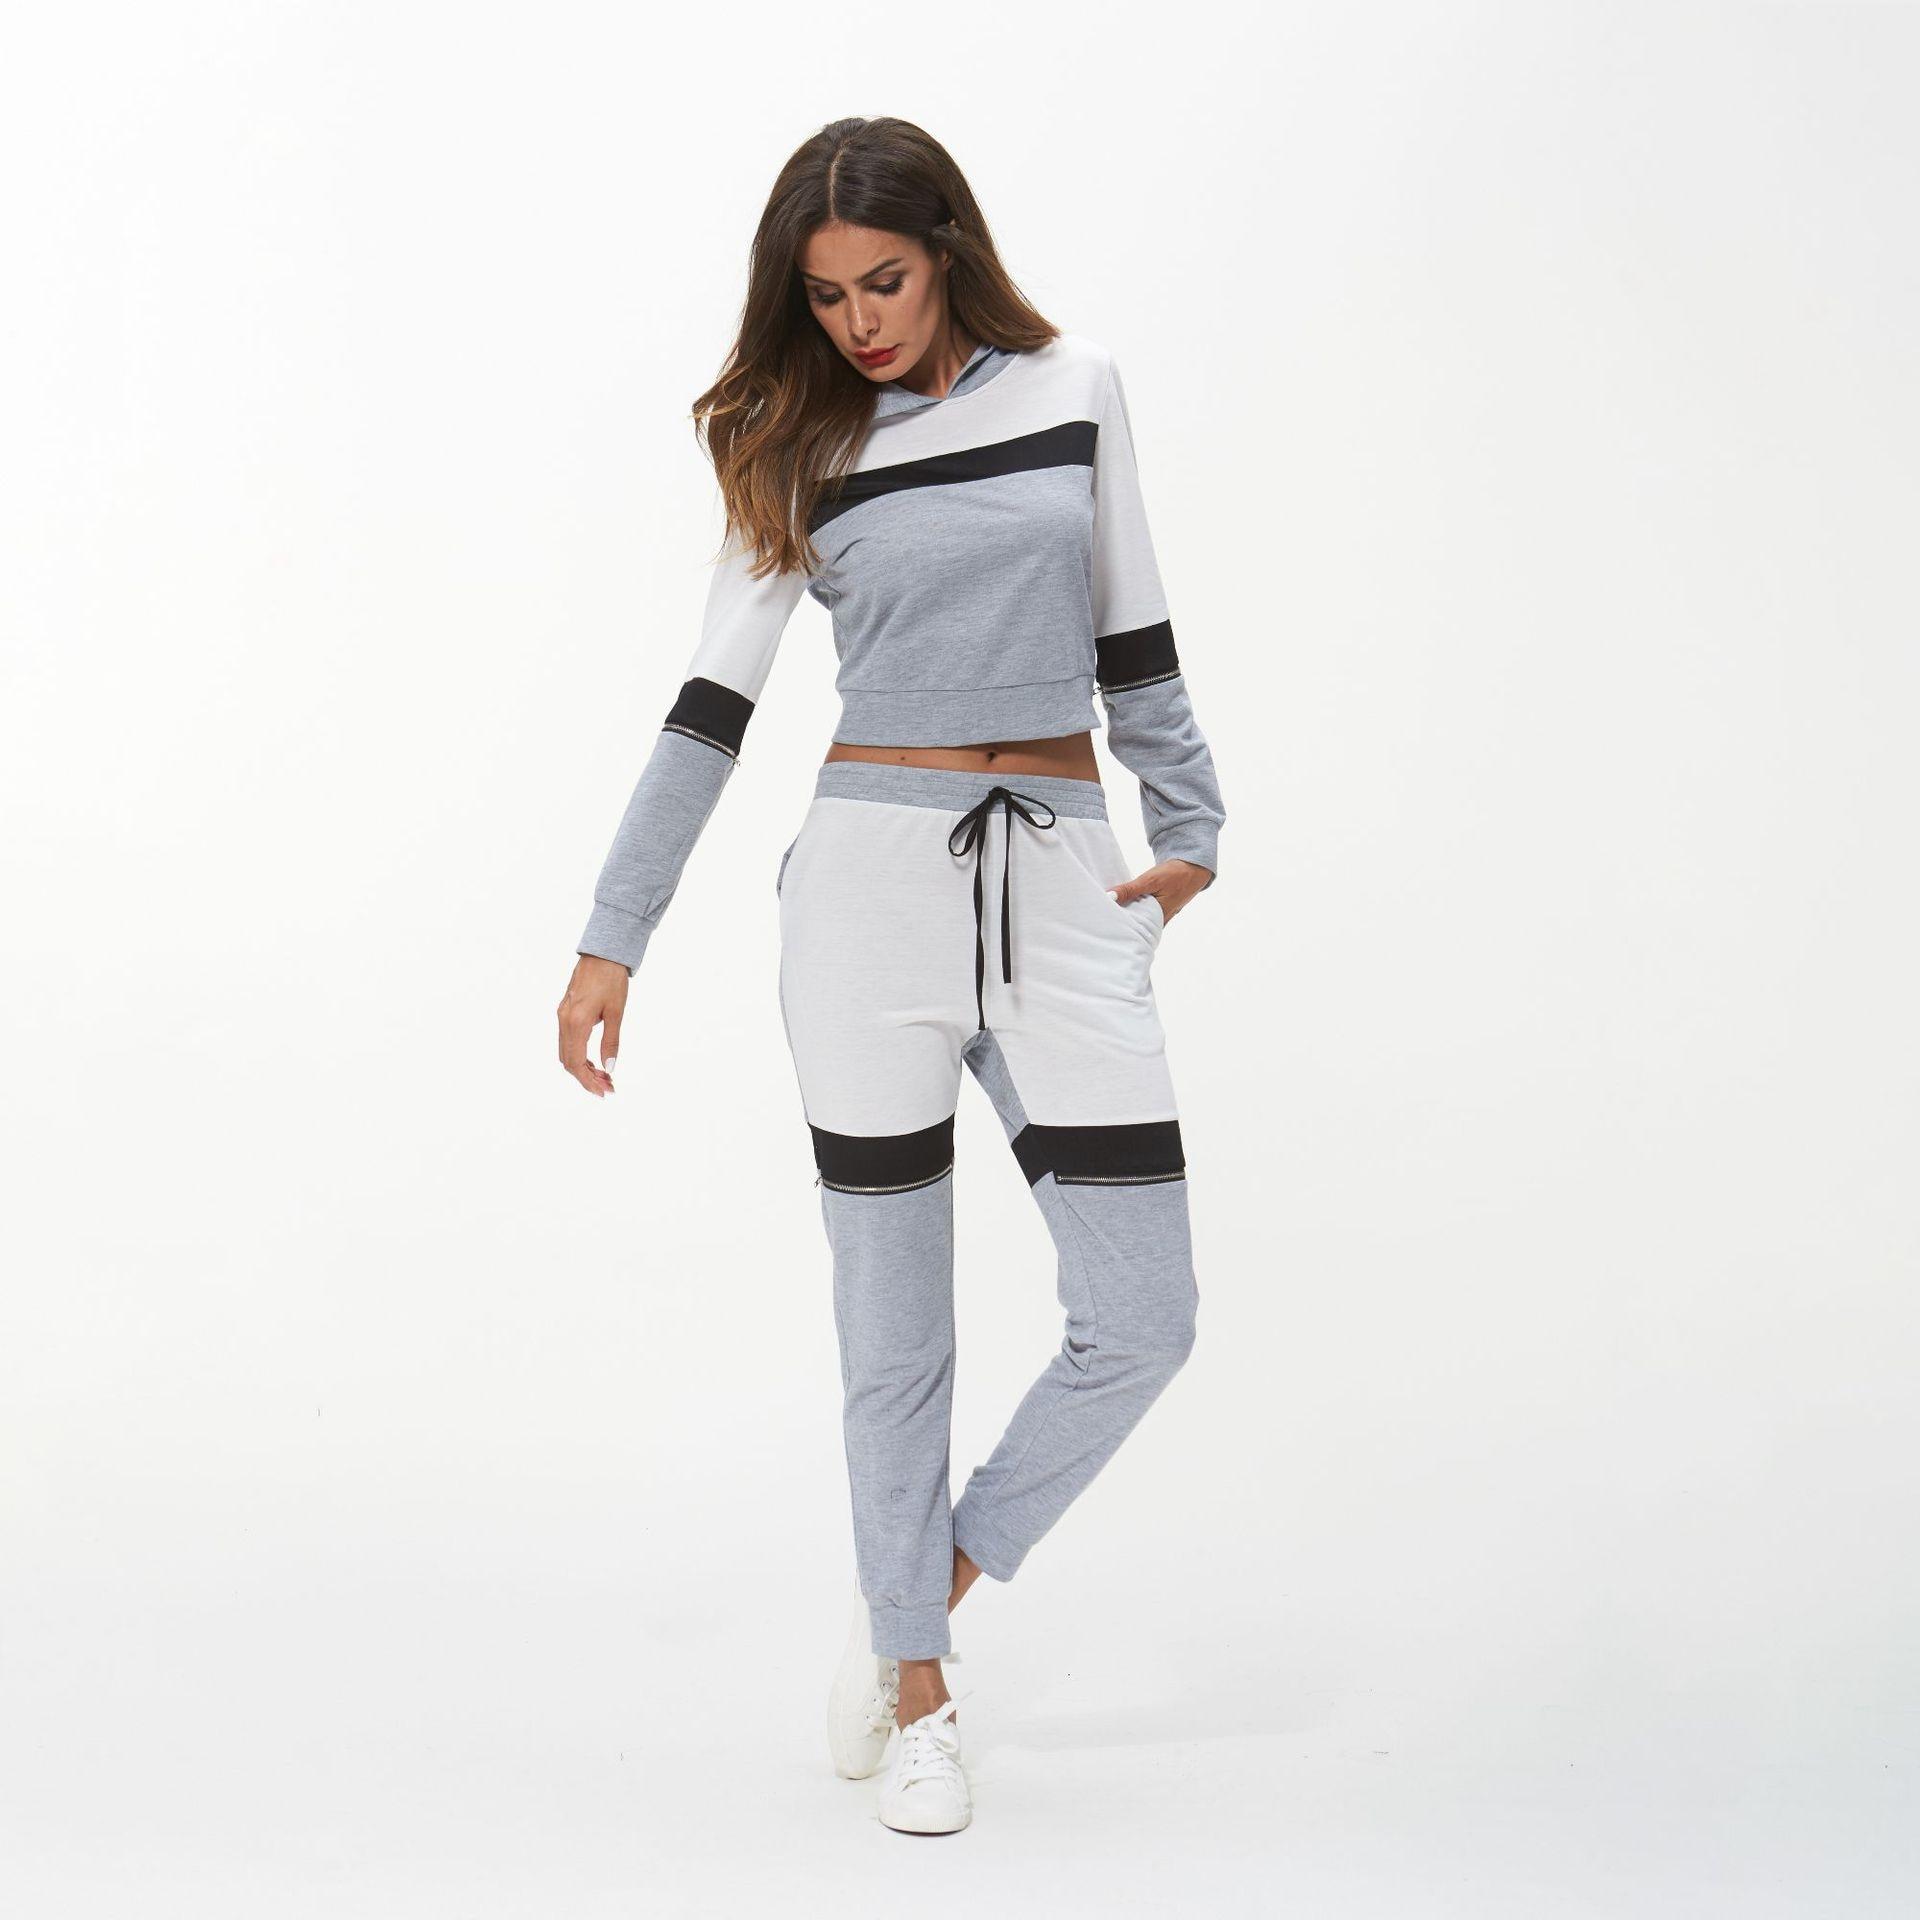 Femmes Survêtement Sport féminin À Capuche Hoodies Sweat + pantalon  Patchwork Courir Jogging Loisirs Sport Costume cada8e0d755